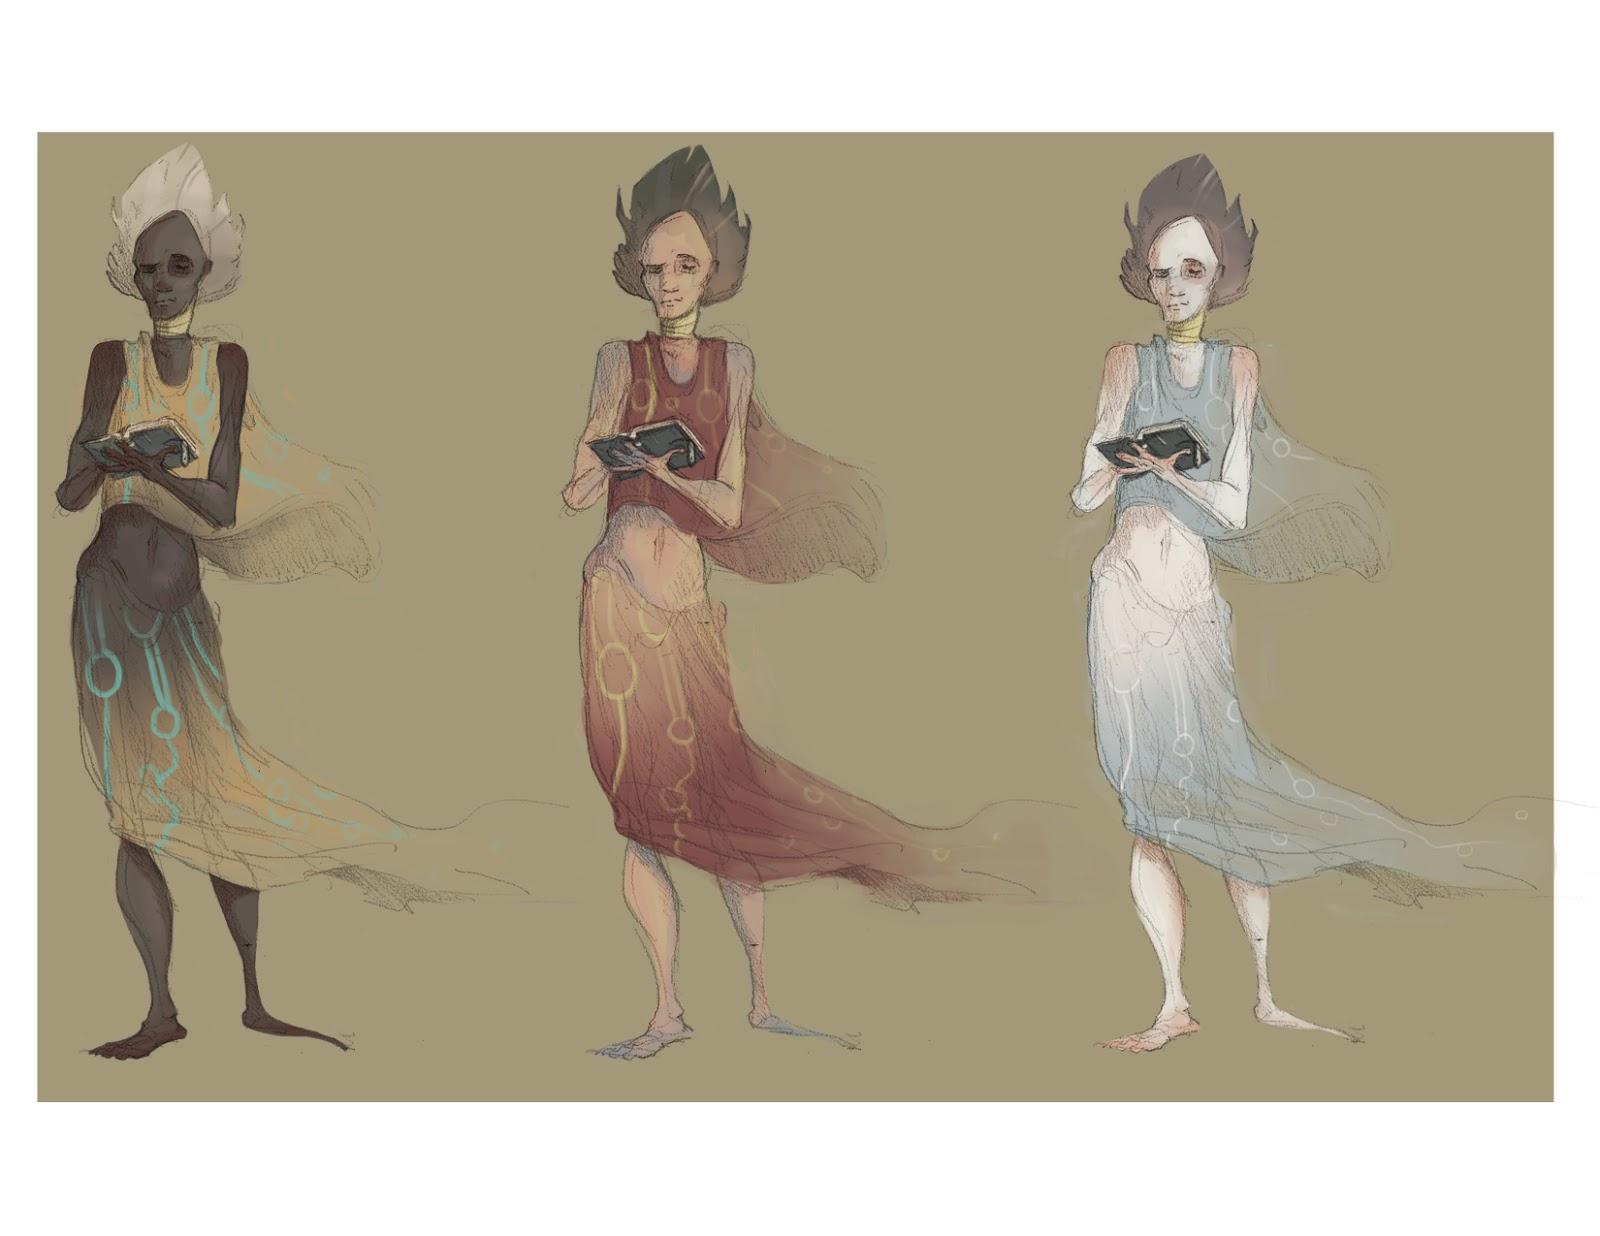 alyssa raven ani 117a final book thief character design liesel character design